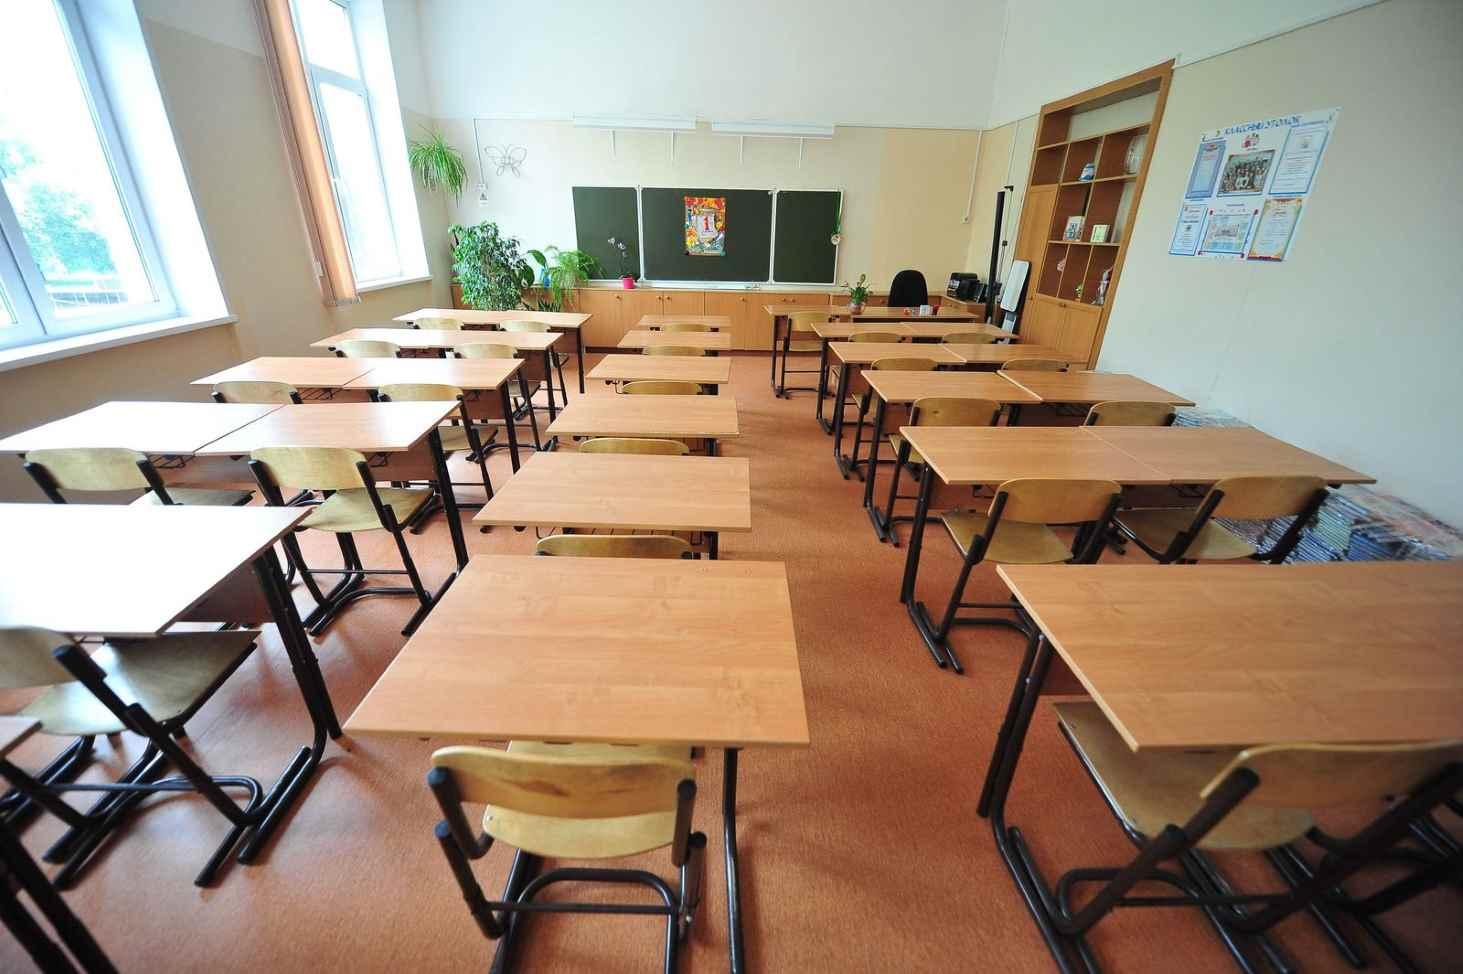 kak-pedagogi-otnosyatsya-k-pravilu-zvonok-dlya-uchitelya